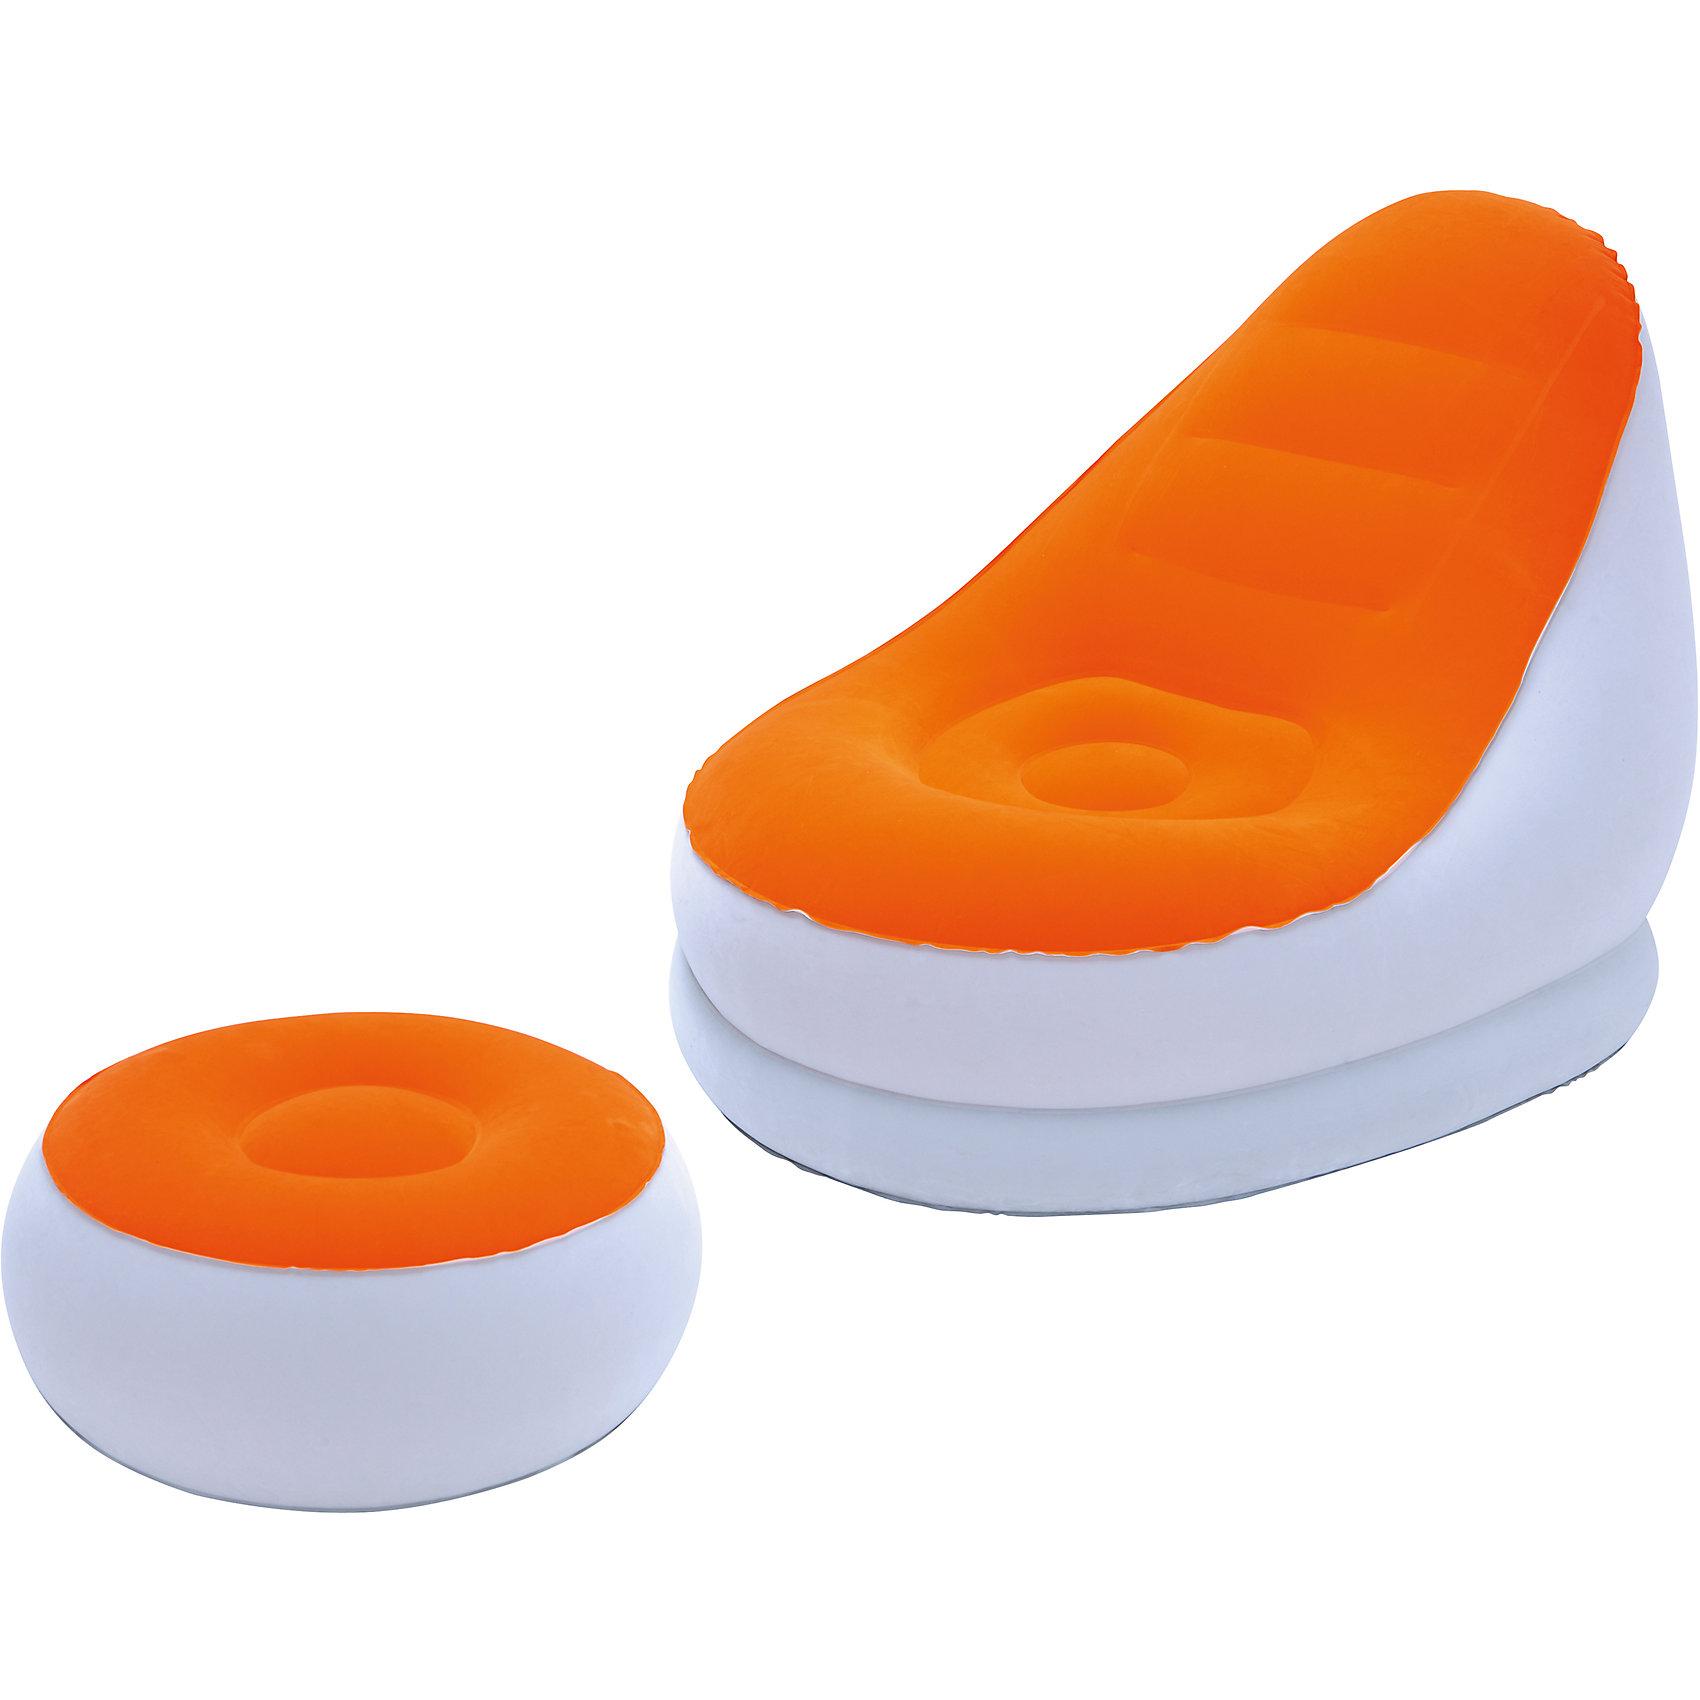 Кресло надувное с пуфиком, оранжевое, BestwayМебель<br>Кресло надувное с пуфиком, оранжевое, Bestway (Бествей)<br><br>Характеристики:<br><br>• мягкое сиденье<br>• удобный пуфик<br>• прочные материалы<br>• яркий дизайн<br>• цвет: оранжевый<br>• размер кресла: 122х94х81 см<br>• размер пуфика: 54х54х26 см<br>• размер упаковки: 10х35х33 см<br>• вес: 2,5 кг<br><br>Надувное кресло отлично дополнит мебель в вашем доме. Стильный дизайн кресла добавит яркости интерьеру комнаты. В комплект входит небольшой пуфик, который в сочетании с креслом позволит вам отдохнуть с комфортом. Изделия выполнены из прочного винила с флокированной поверхностью. Кресло мягкое и приятное на ощупь. В комплекте заплатка для ремонта.<br><br>Кресло надувное с пуфиком, оранжевое, Bestway (Бествей) вы можете купить в нашем интернет-магазине.<br><br>Ширина мм: 630<br>Глубина мм: 340<br>Высота мм: 365<br>Вес г: 2443<br>Возраст от месяцев: 72<br>Возраст до месяцев: 2147483647<br>Пол: Унисекс<br>Возраст: Детский<br>SKU: 5486962